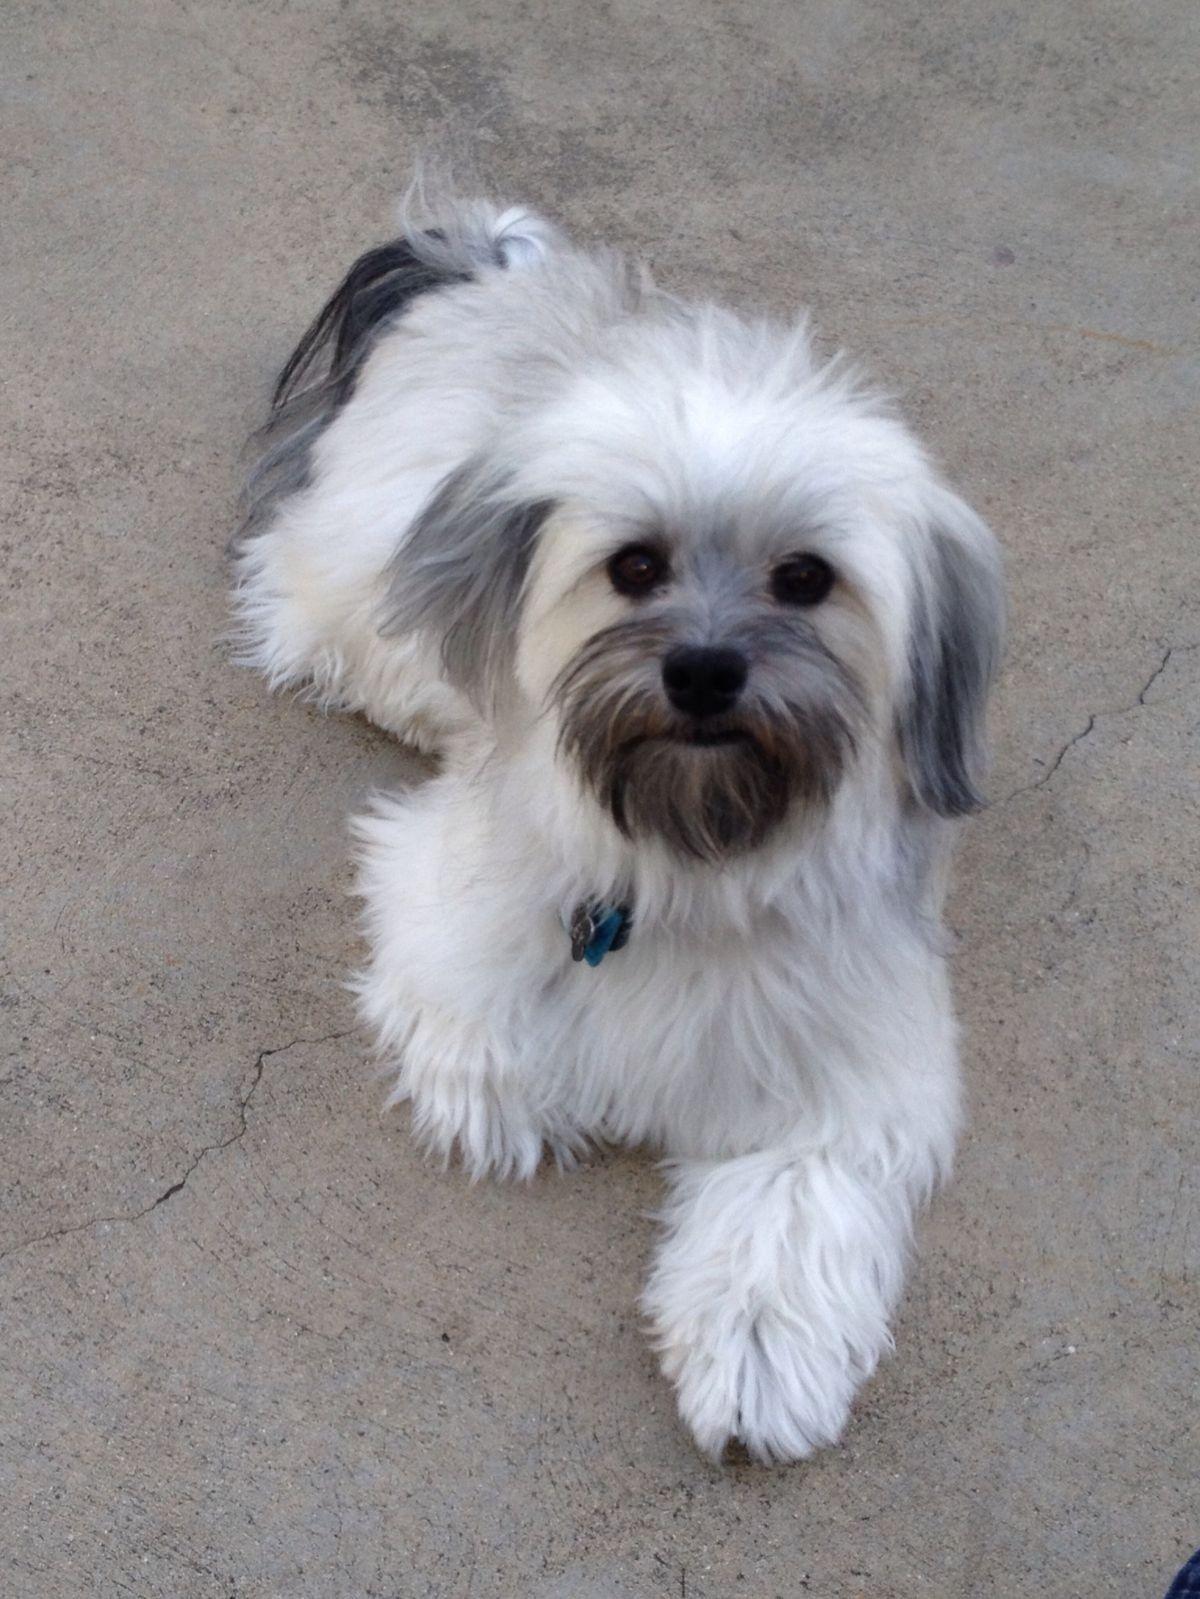 Pin By Debbie Egdamin On Havanese Dog Havanese Puppies Havanese Dogs Havanese